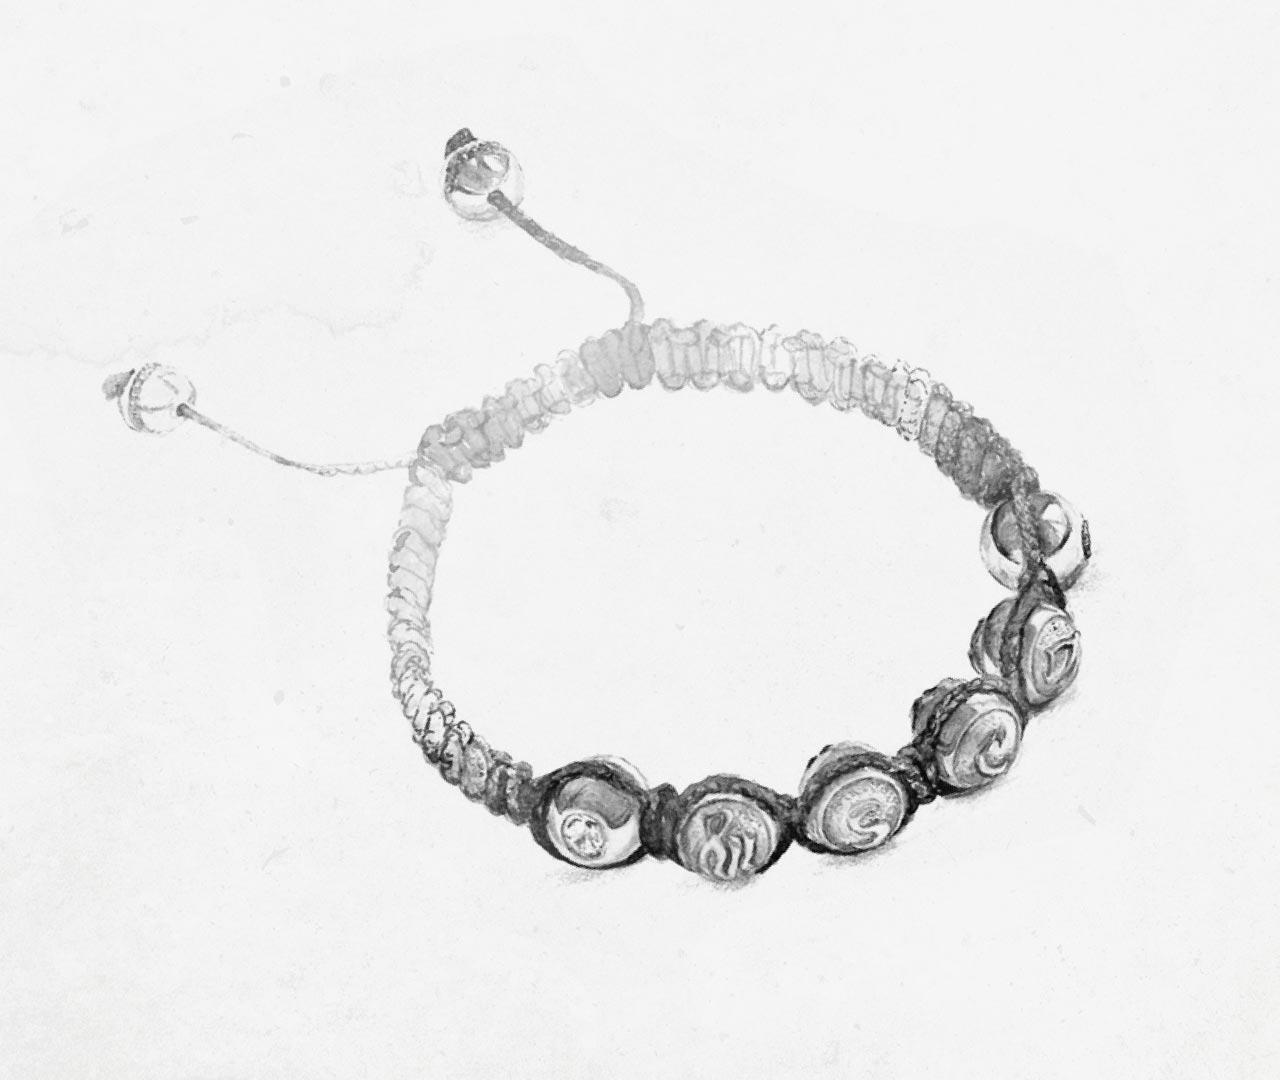 JayZ-Bracelet-image_02